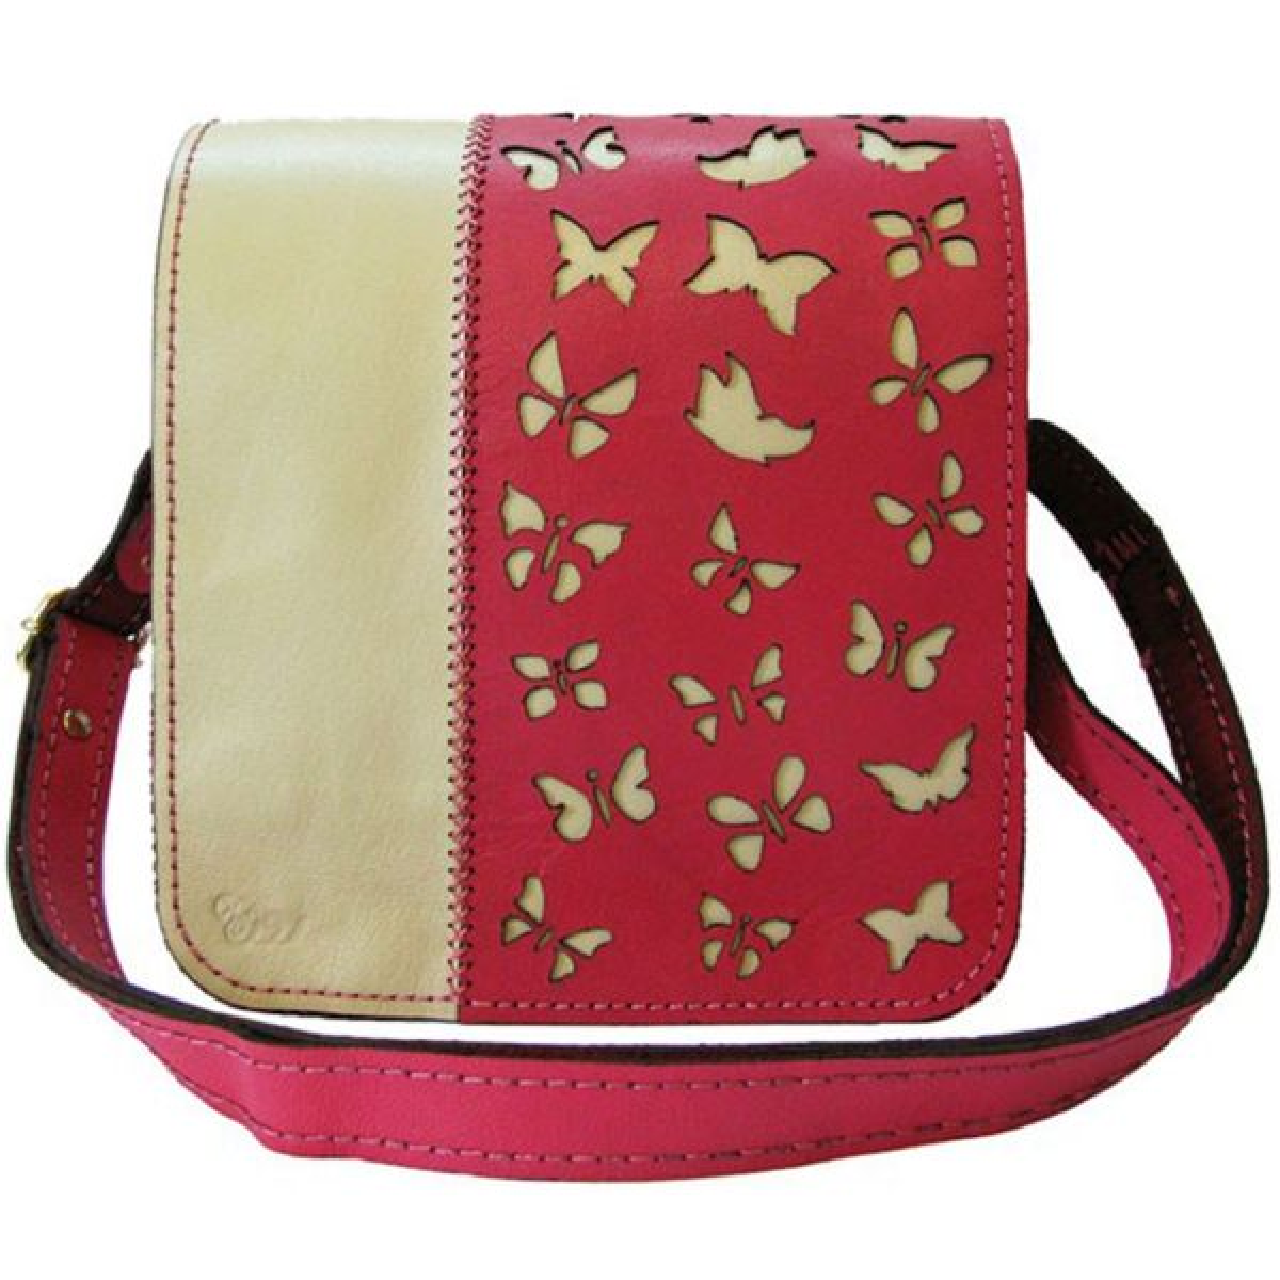 کیف دوشی چرم طبیعی گالری روژه طرح پروانه